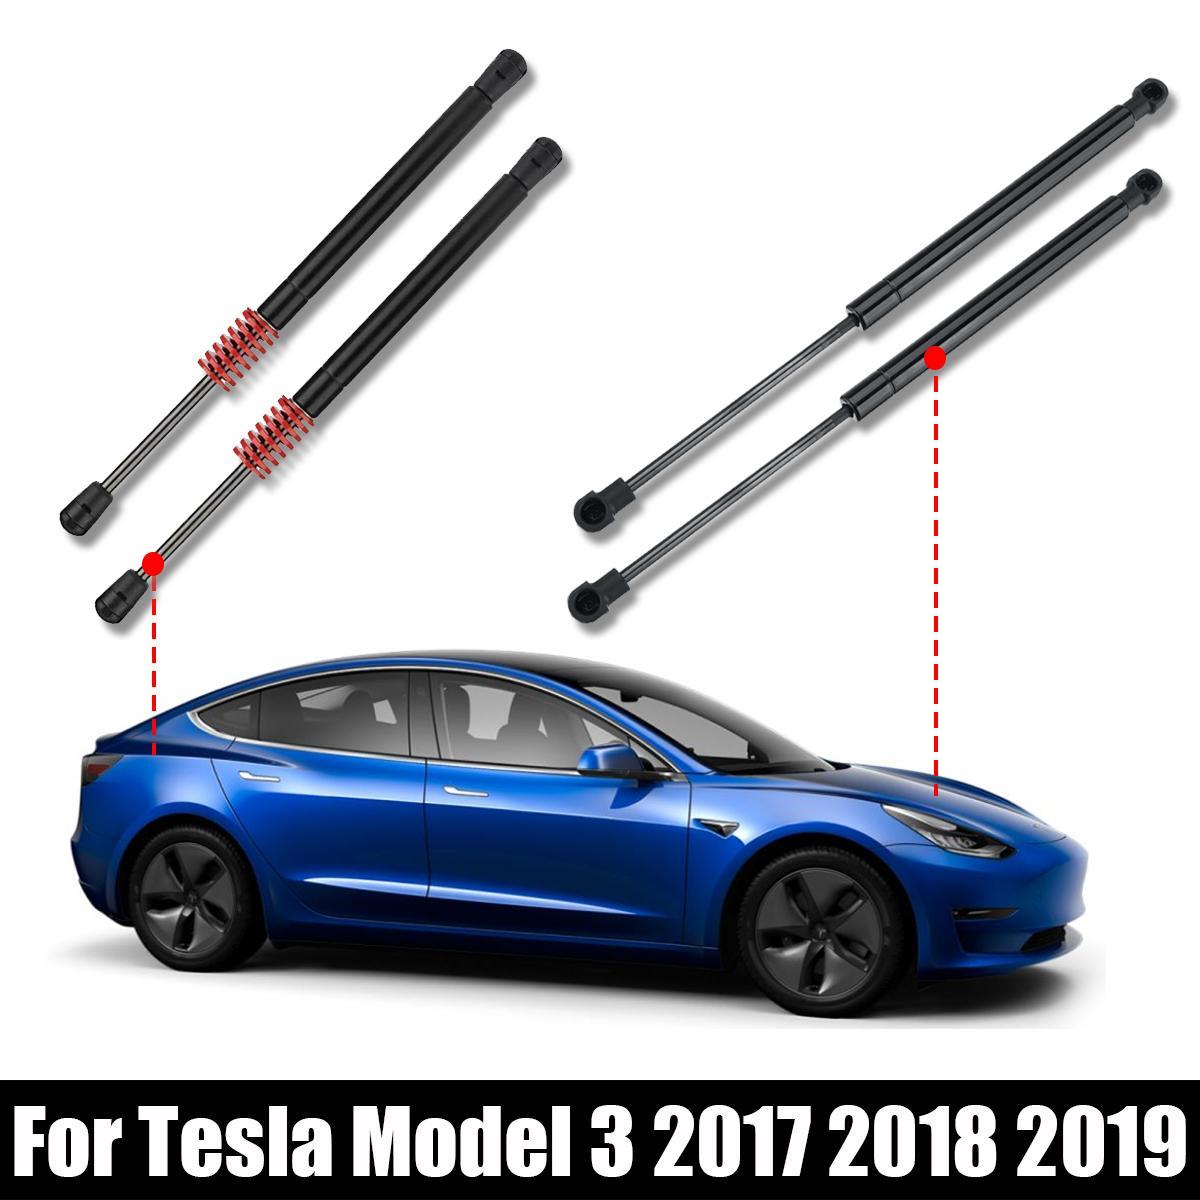 Nowy 2X z przodu/z tyłu klapa tylna bagażnika klapa tylna sprężyna gazowa szok podnoszenia rozpórki wsparcie dla Tesla Model 3 2017 2018 2019